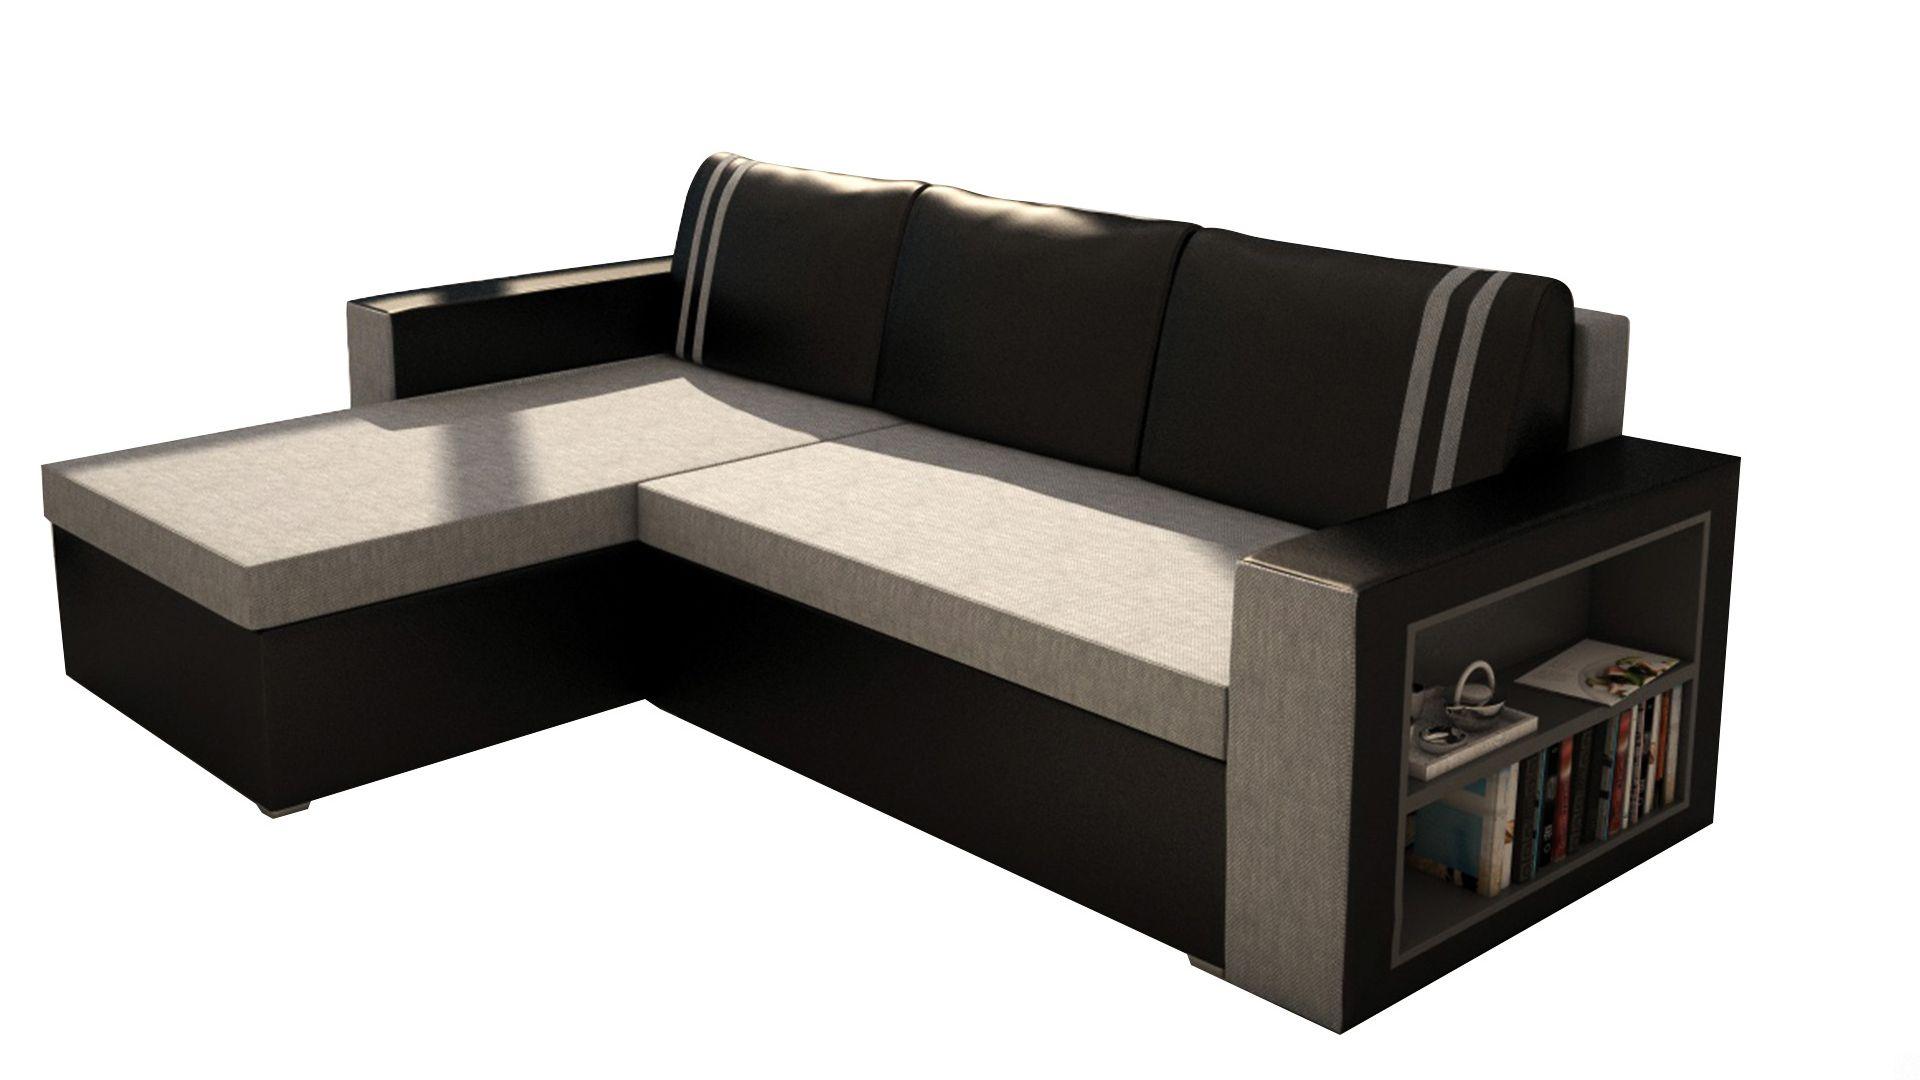 Sofa Couch Ecksofa Eckcouch Schlaffunktion Bettkasten